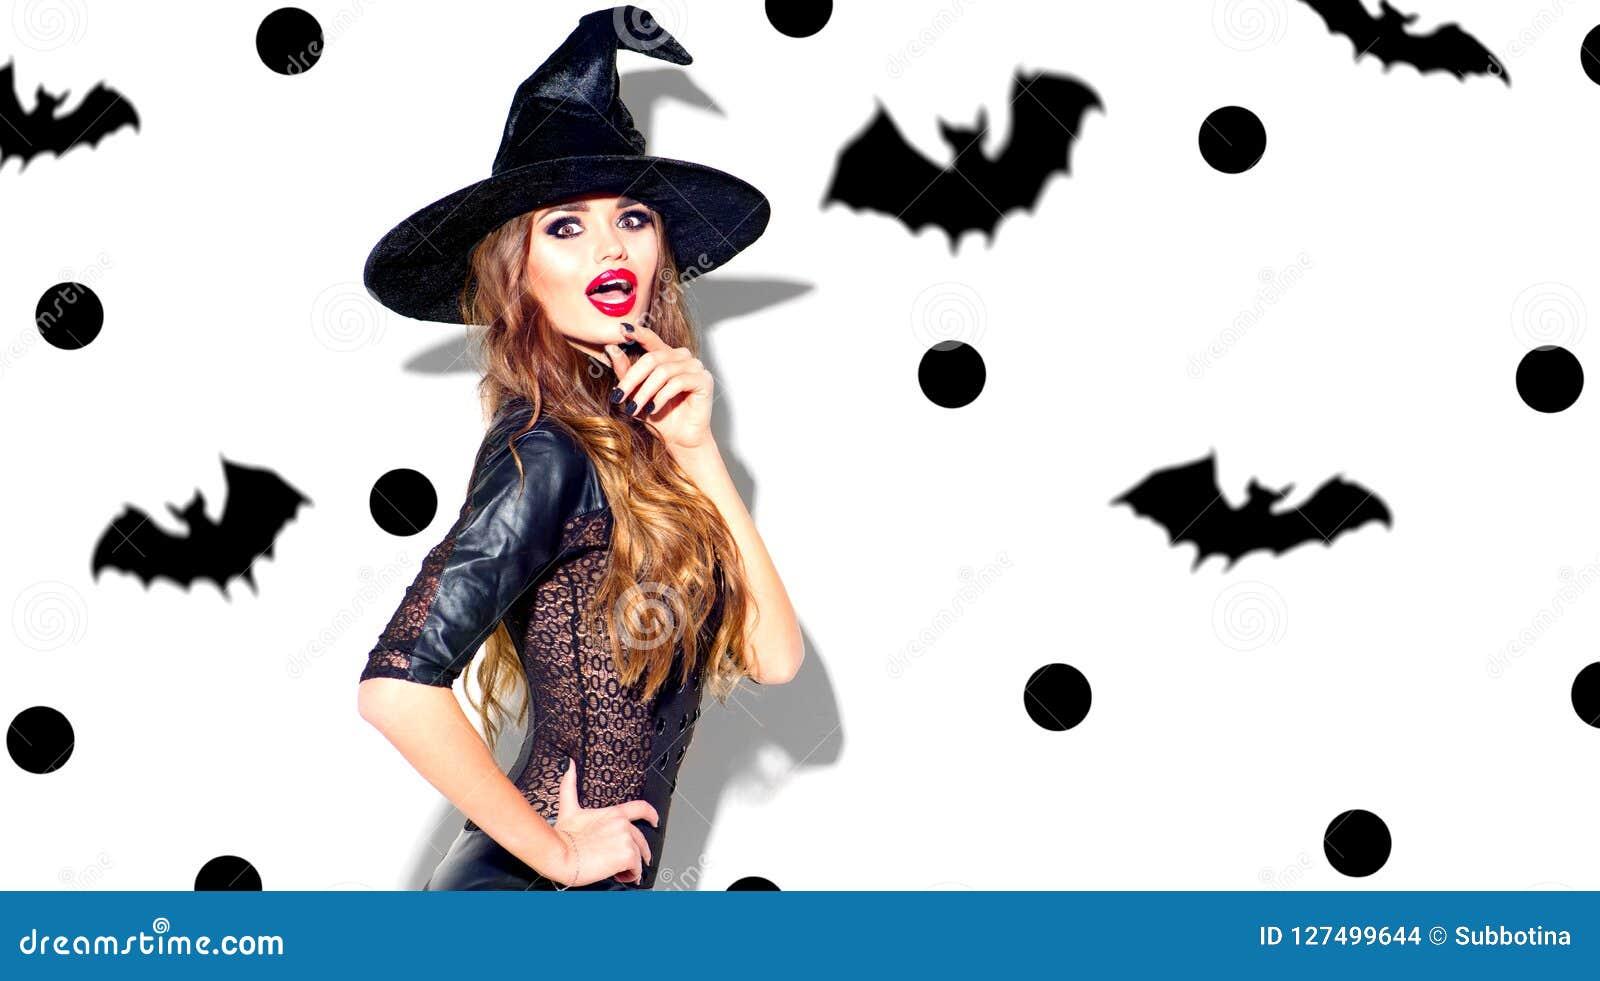 Vestiti Halloween Strega.Halloween Strega Sexy Con Trucco Luminoso Di Festa Bella Giovane